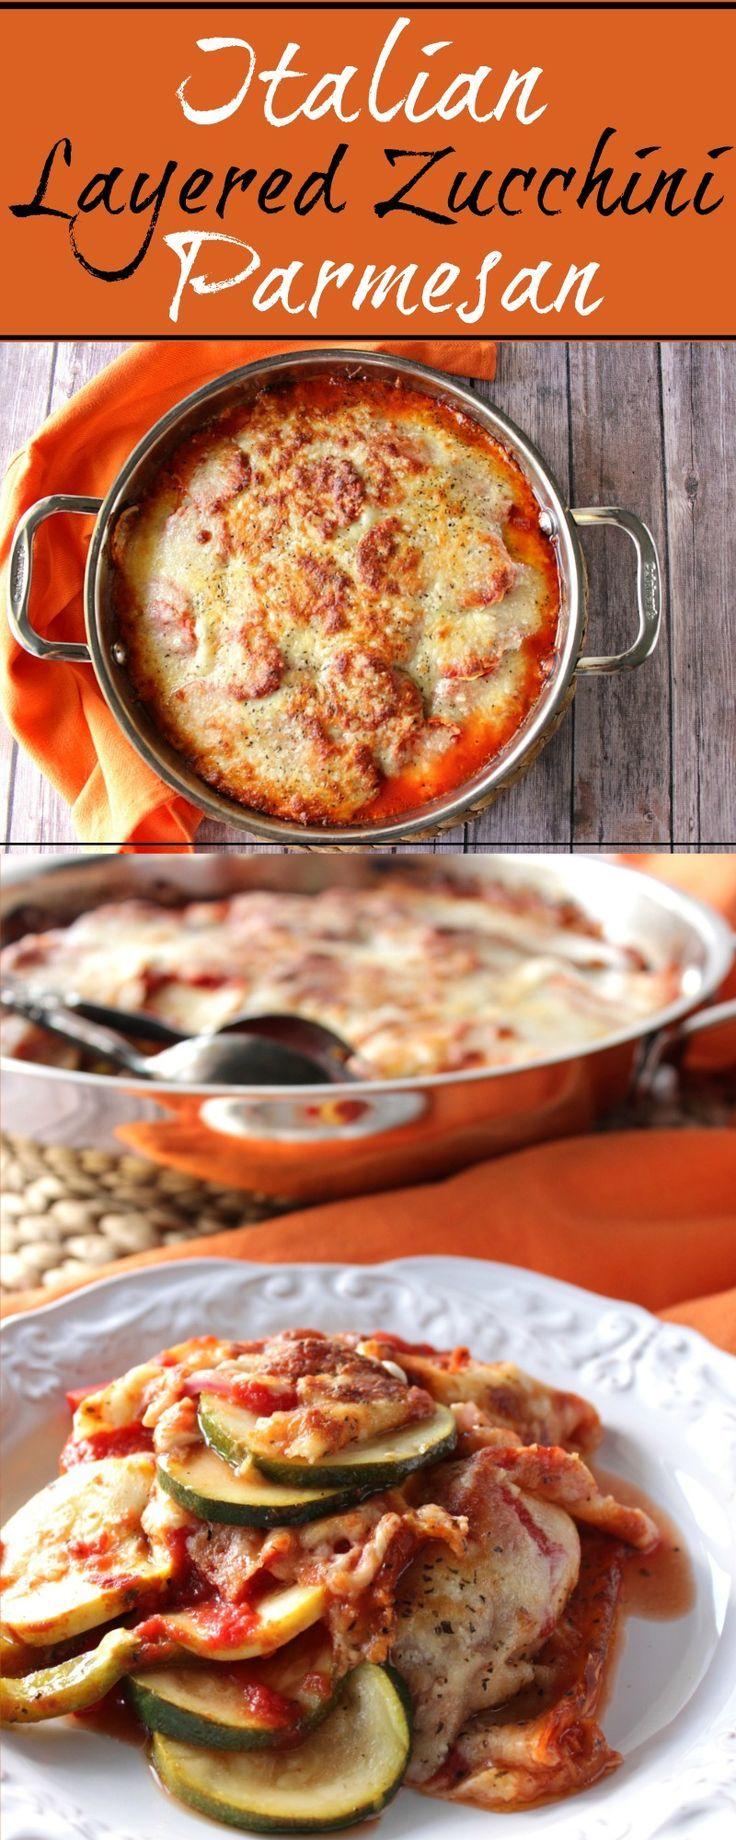 Italian Layered Zucchini Parmesan